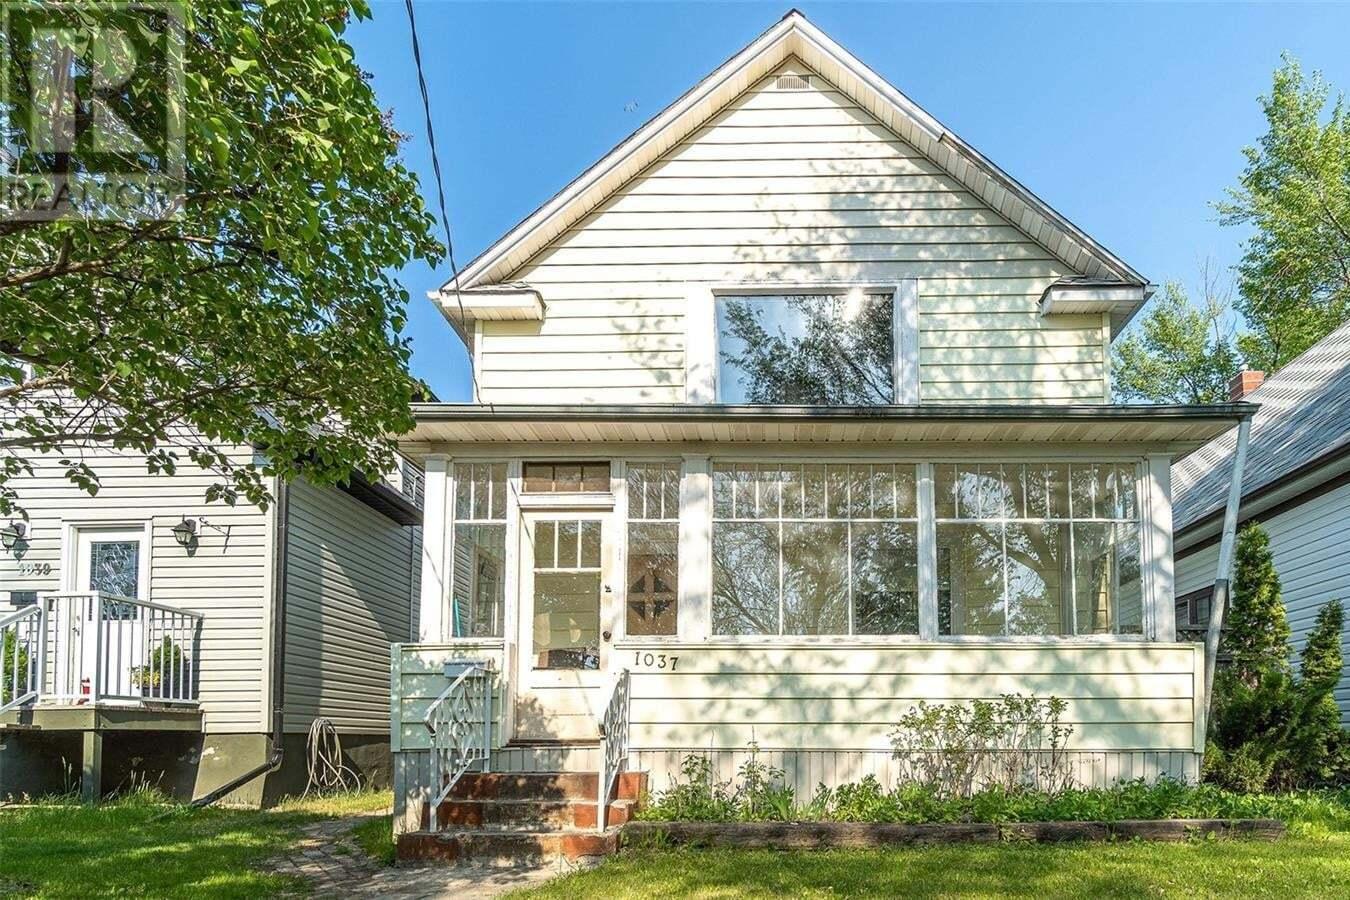 House for sale at 1037 3rd Ave NE Moose Jaw Saskatchewan - MLS: SK813312